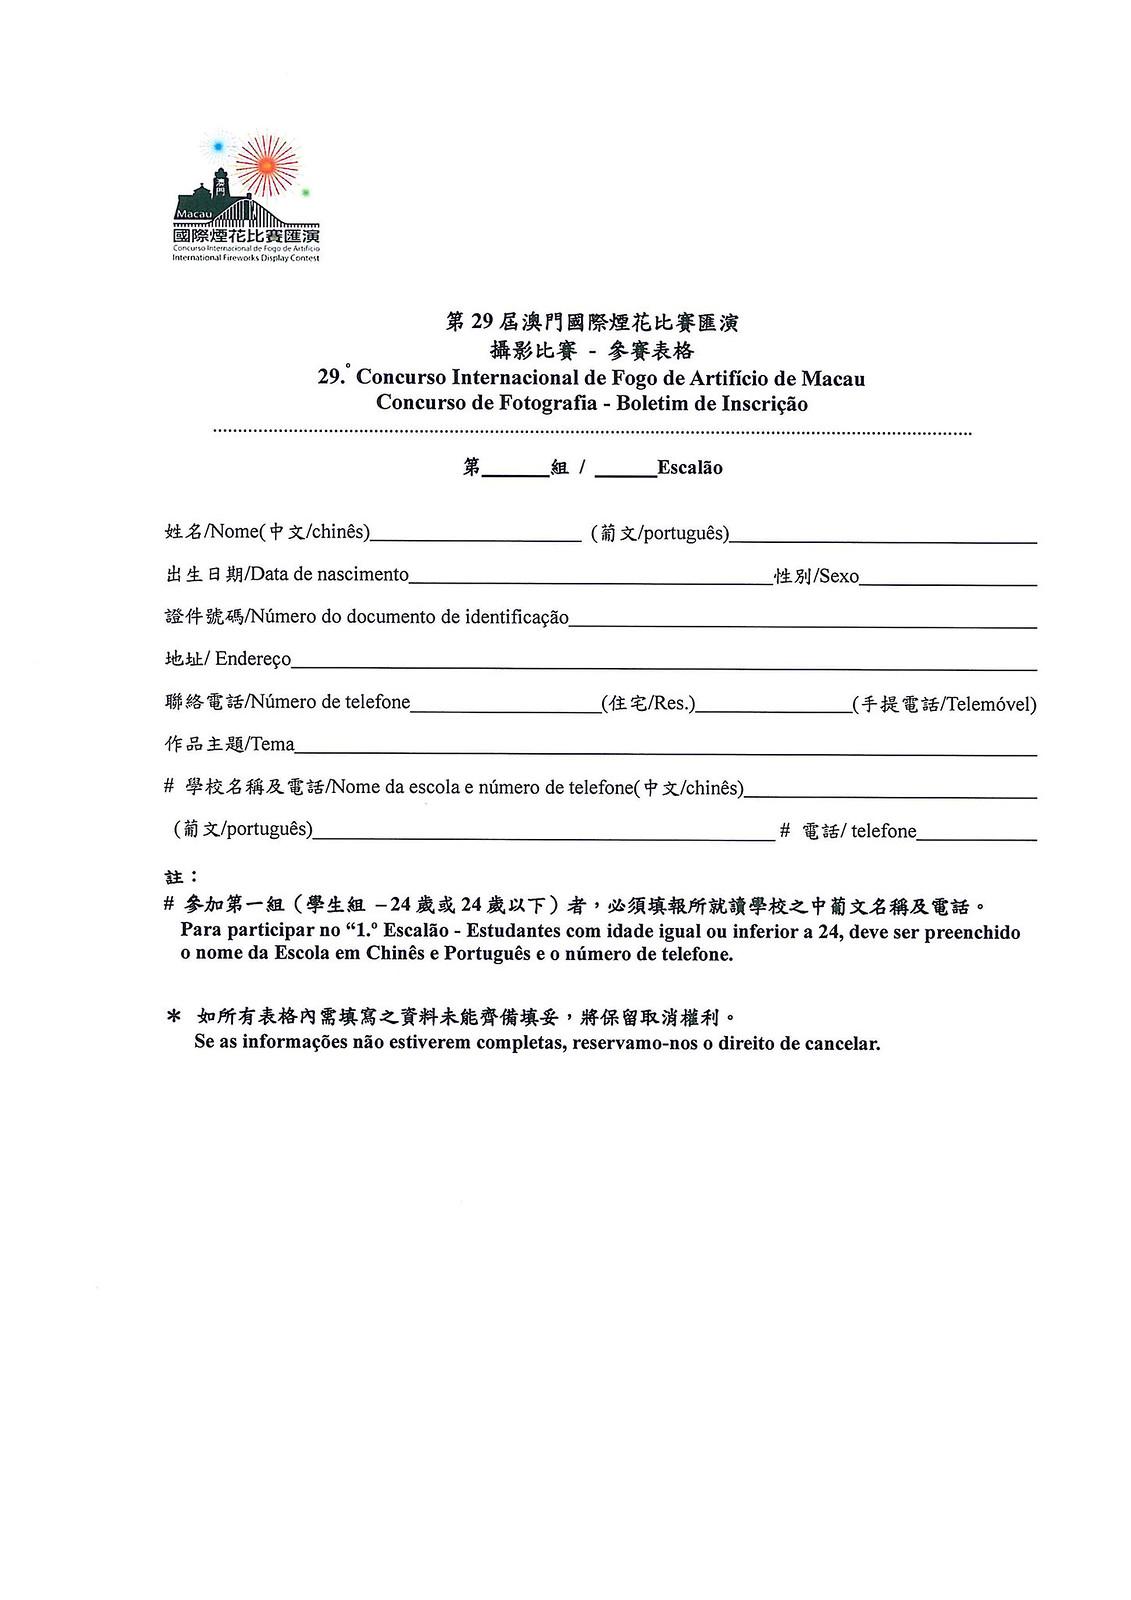 公函-29CIFAM攝影比賽_ 澳門攝影學會 - 規則中文-3